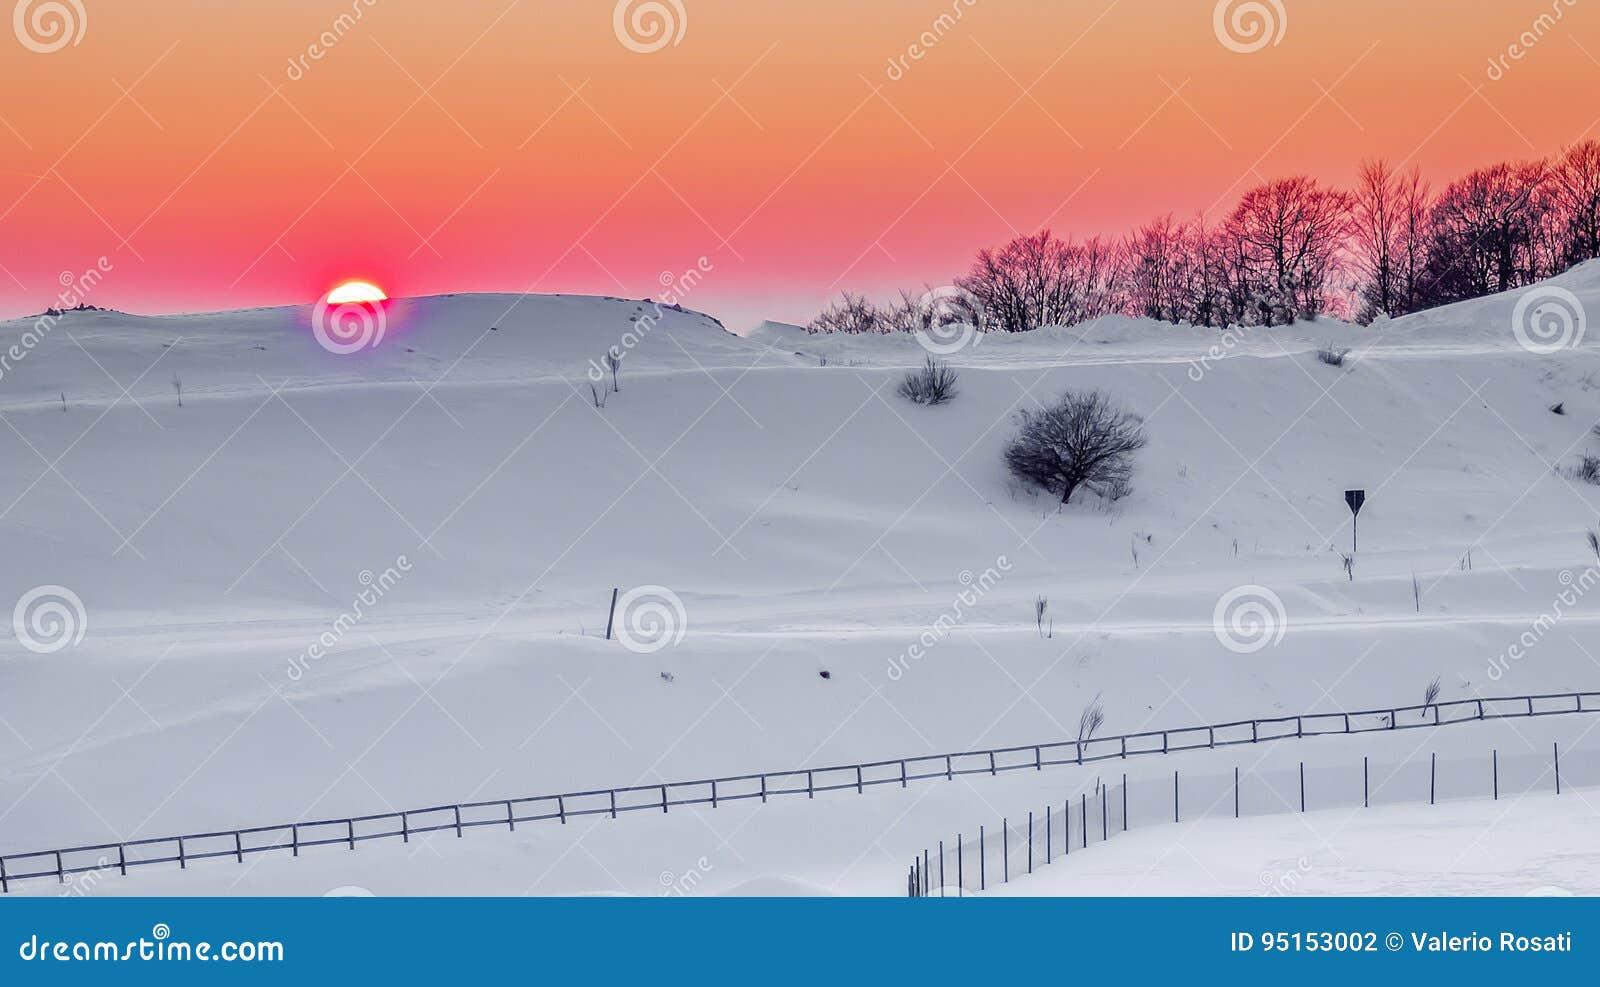 Расслабляющий теплый заход солнца в снежном ландшафте